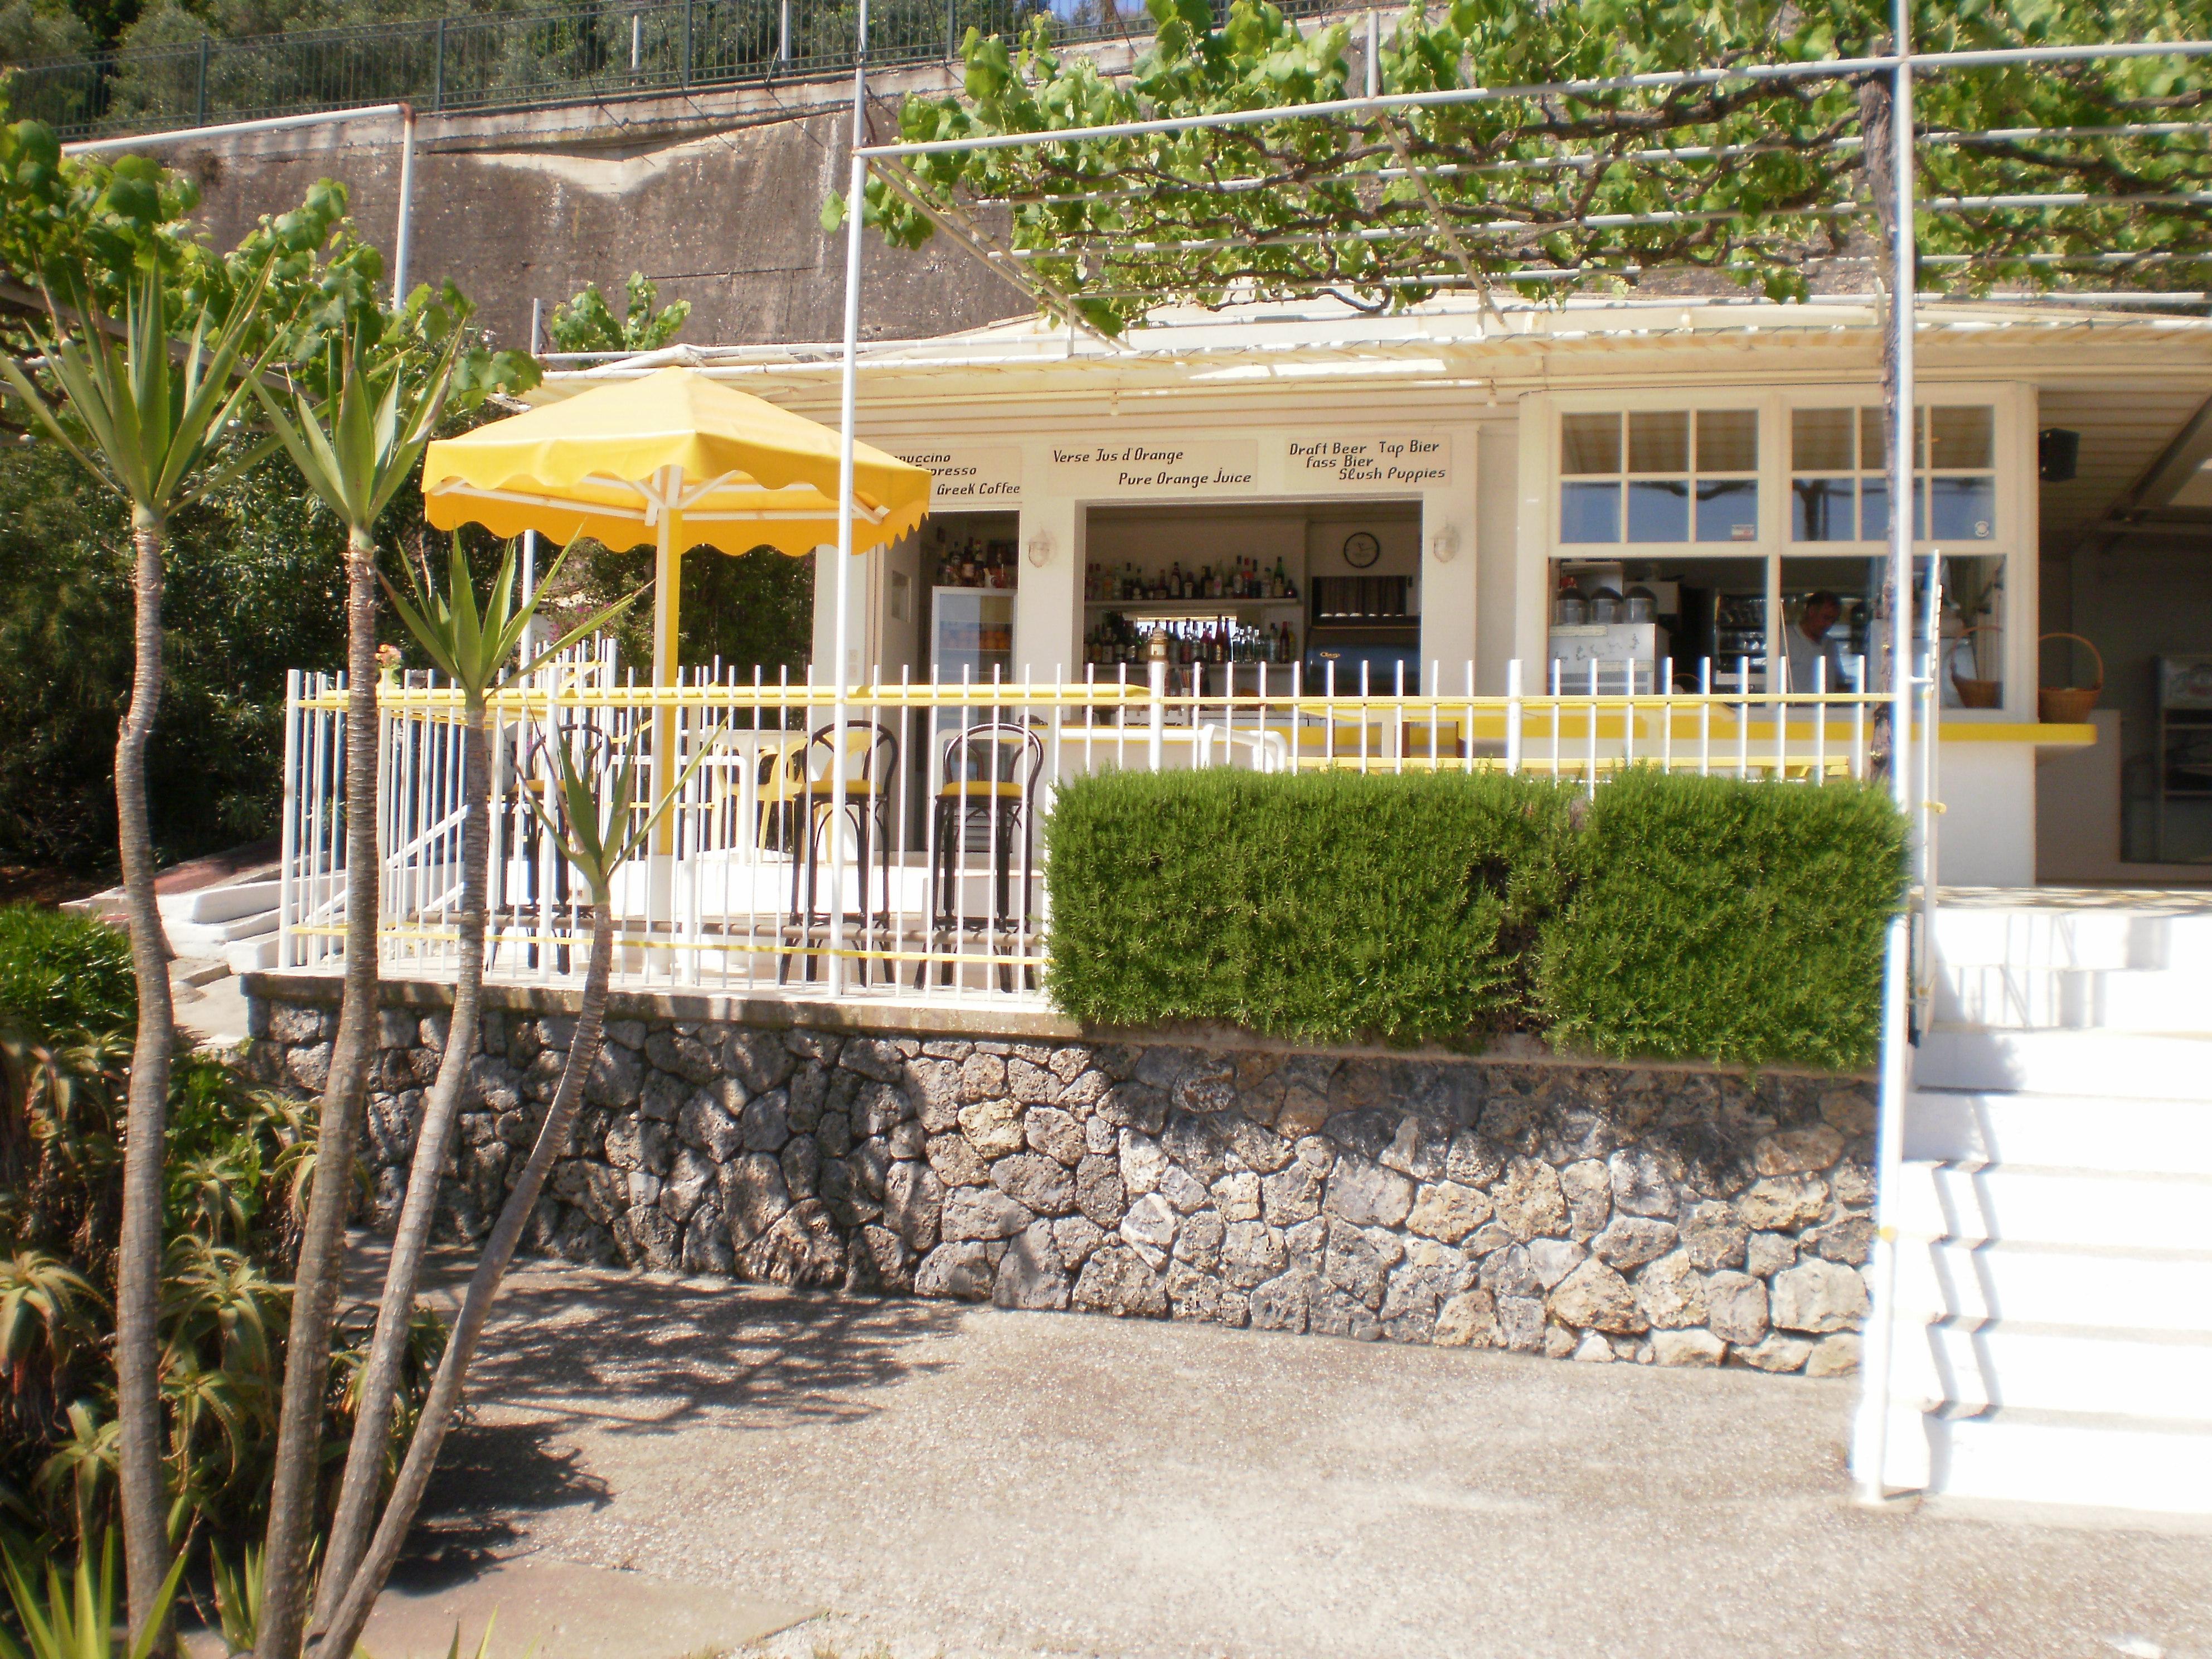 Maison de vacances Entspannte Ferien ein paar Schritte vom Meer entfernt und mit einem Gefhl der Privatsphre (2378713), Moraitika, Corfou, Iles Ioniennes, Grèce, image 21